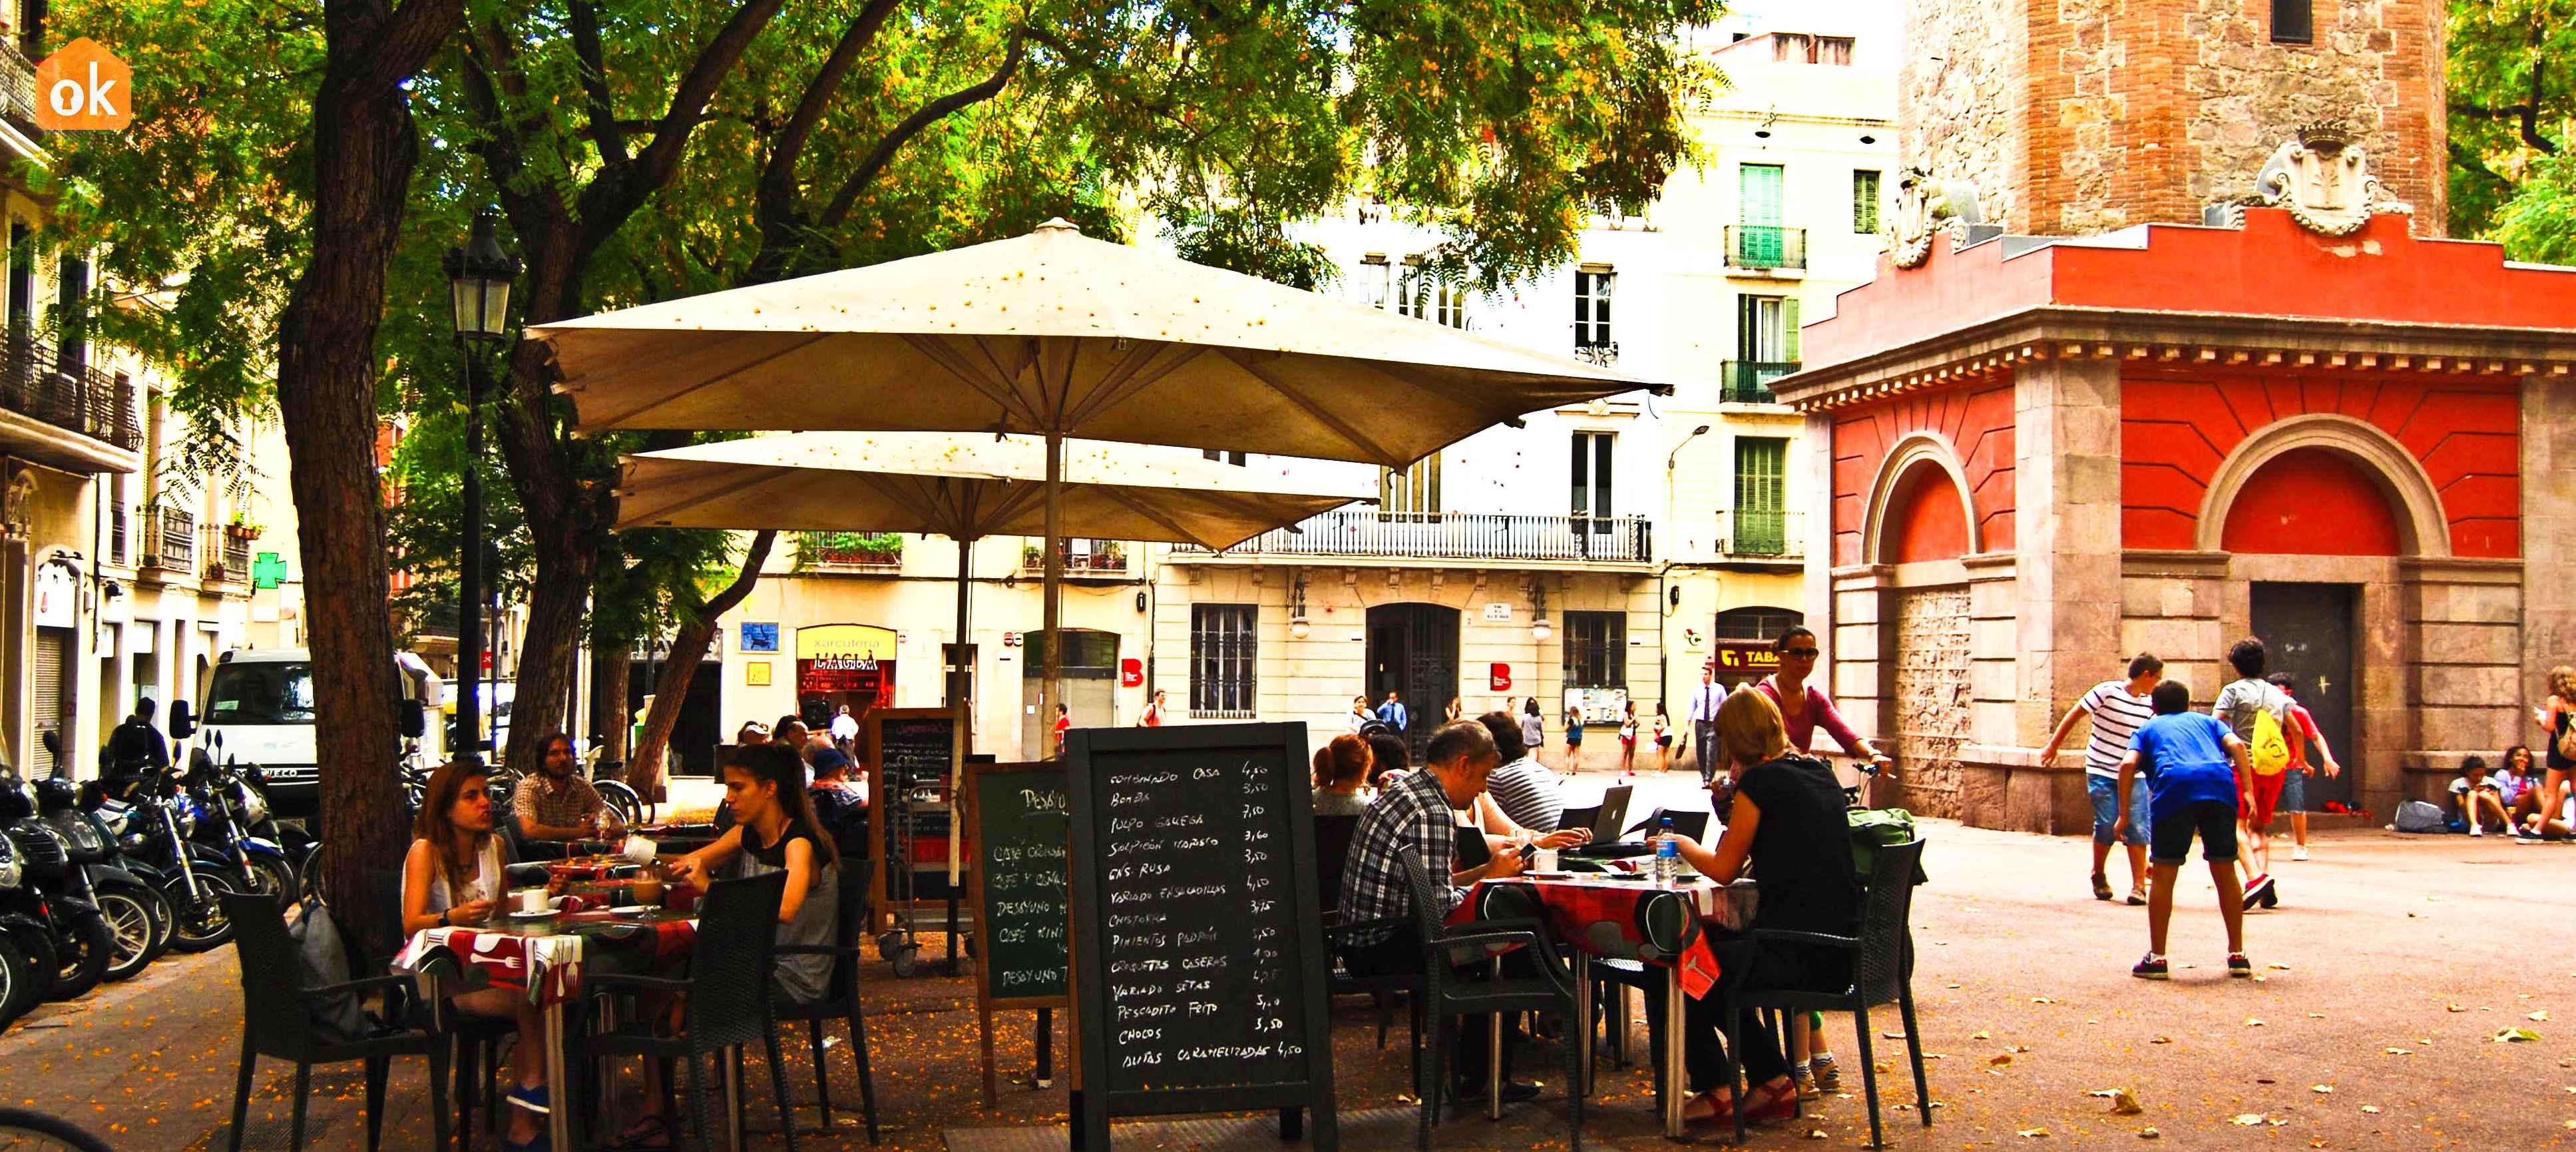 Quels sont les 5 meilleurs quartiers o vivre barcelone for Quartiere gracia barcellona